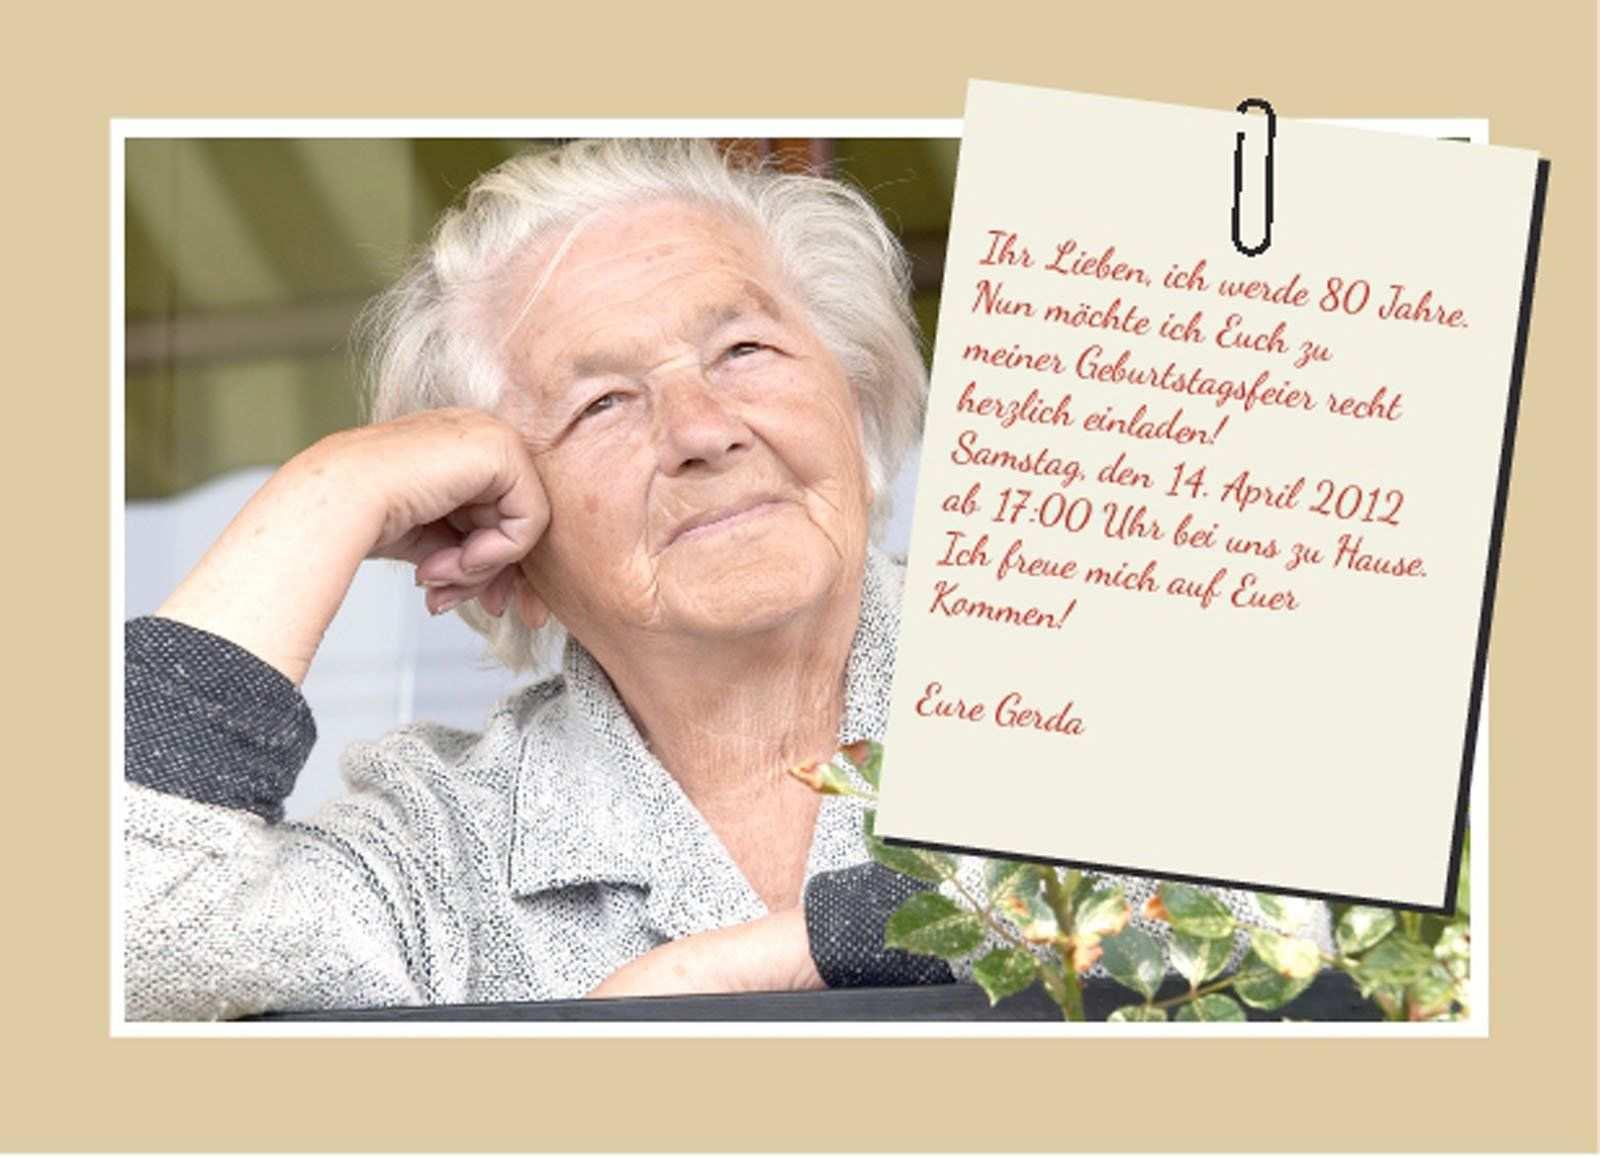 Einladung 80 Geburtstag Vorlage Einladung 80 Geburtstag